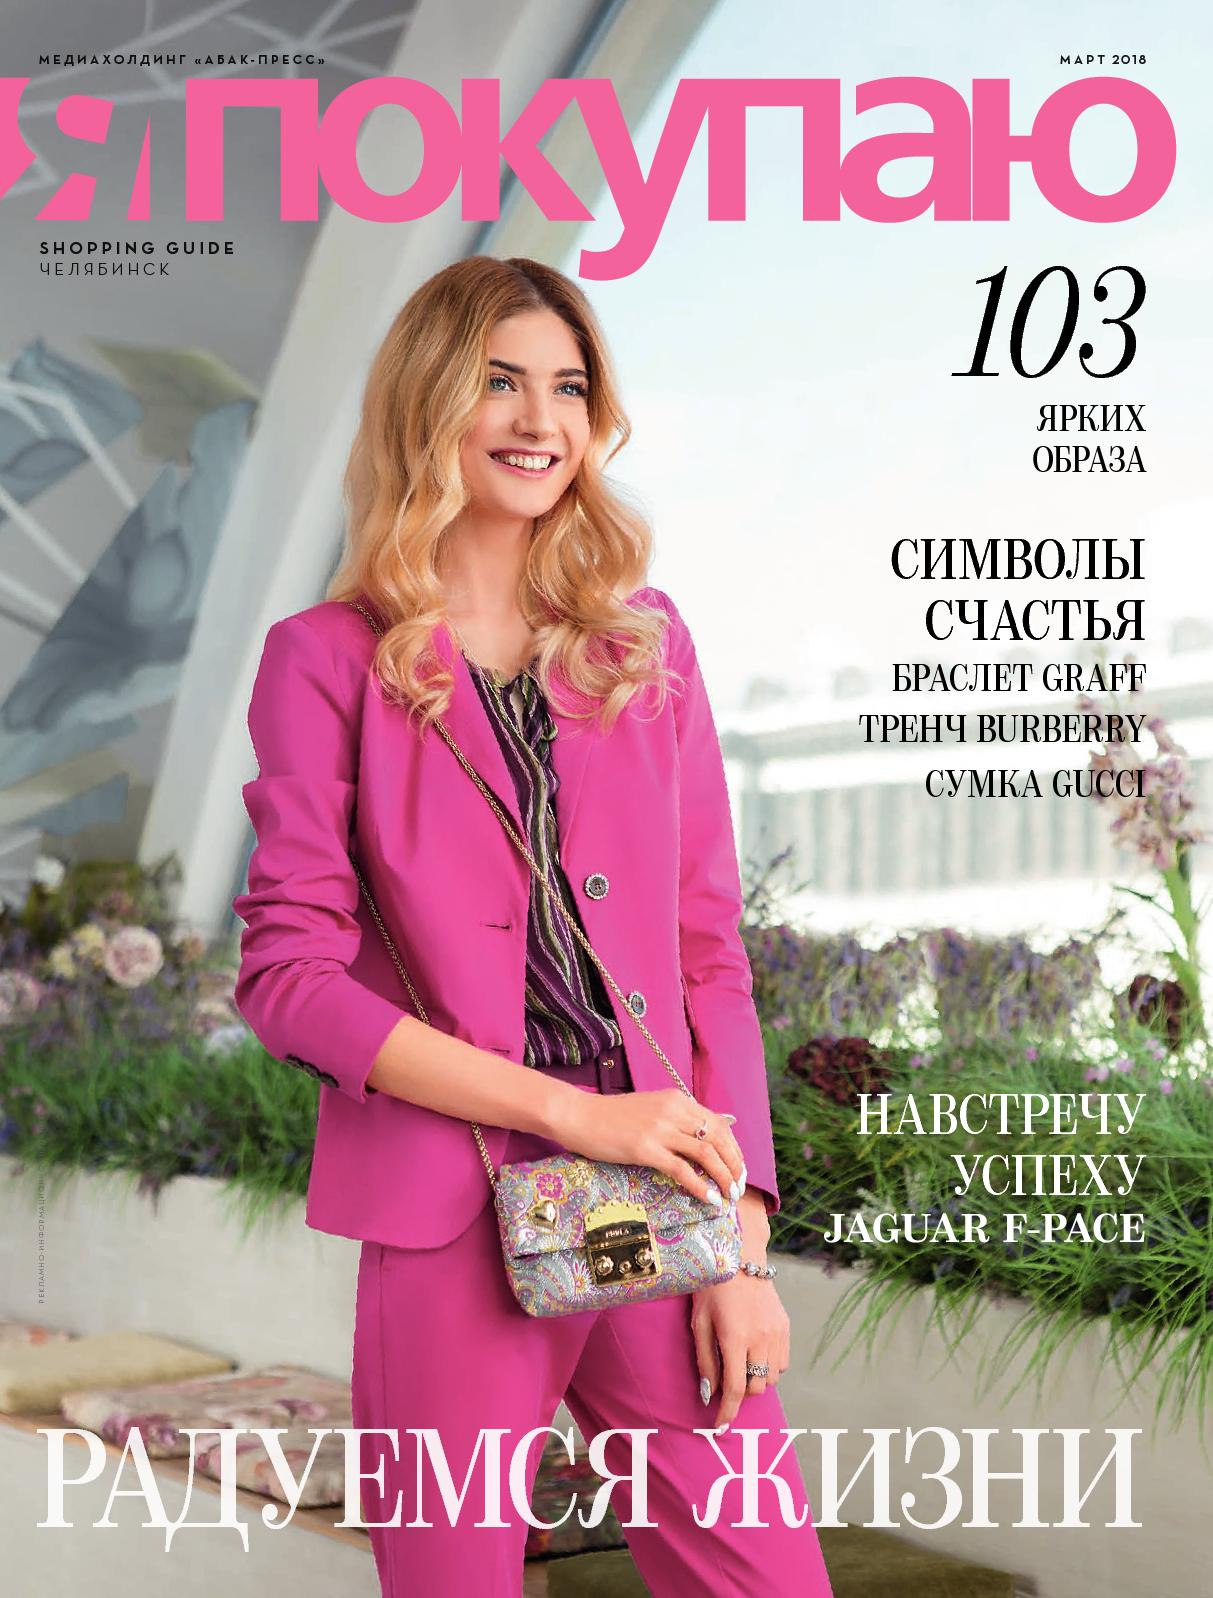 Calaméo - Shopping Guide «Я Покупаю. Челябинск», март 2018 88ed73b7d3d